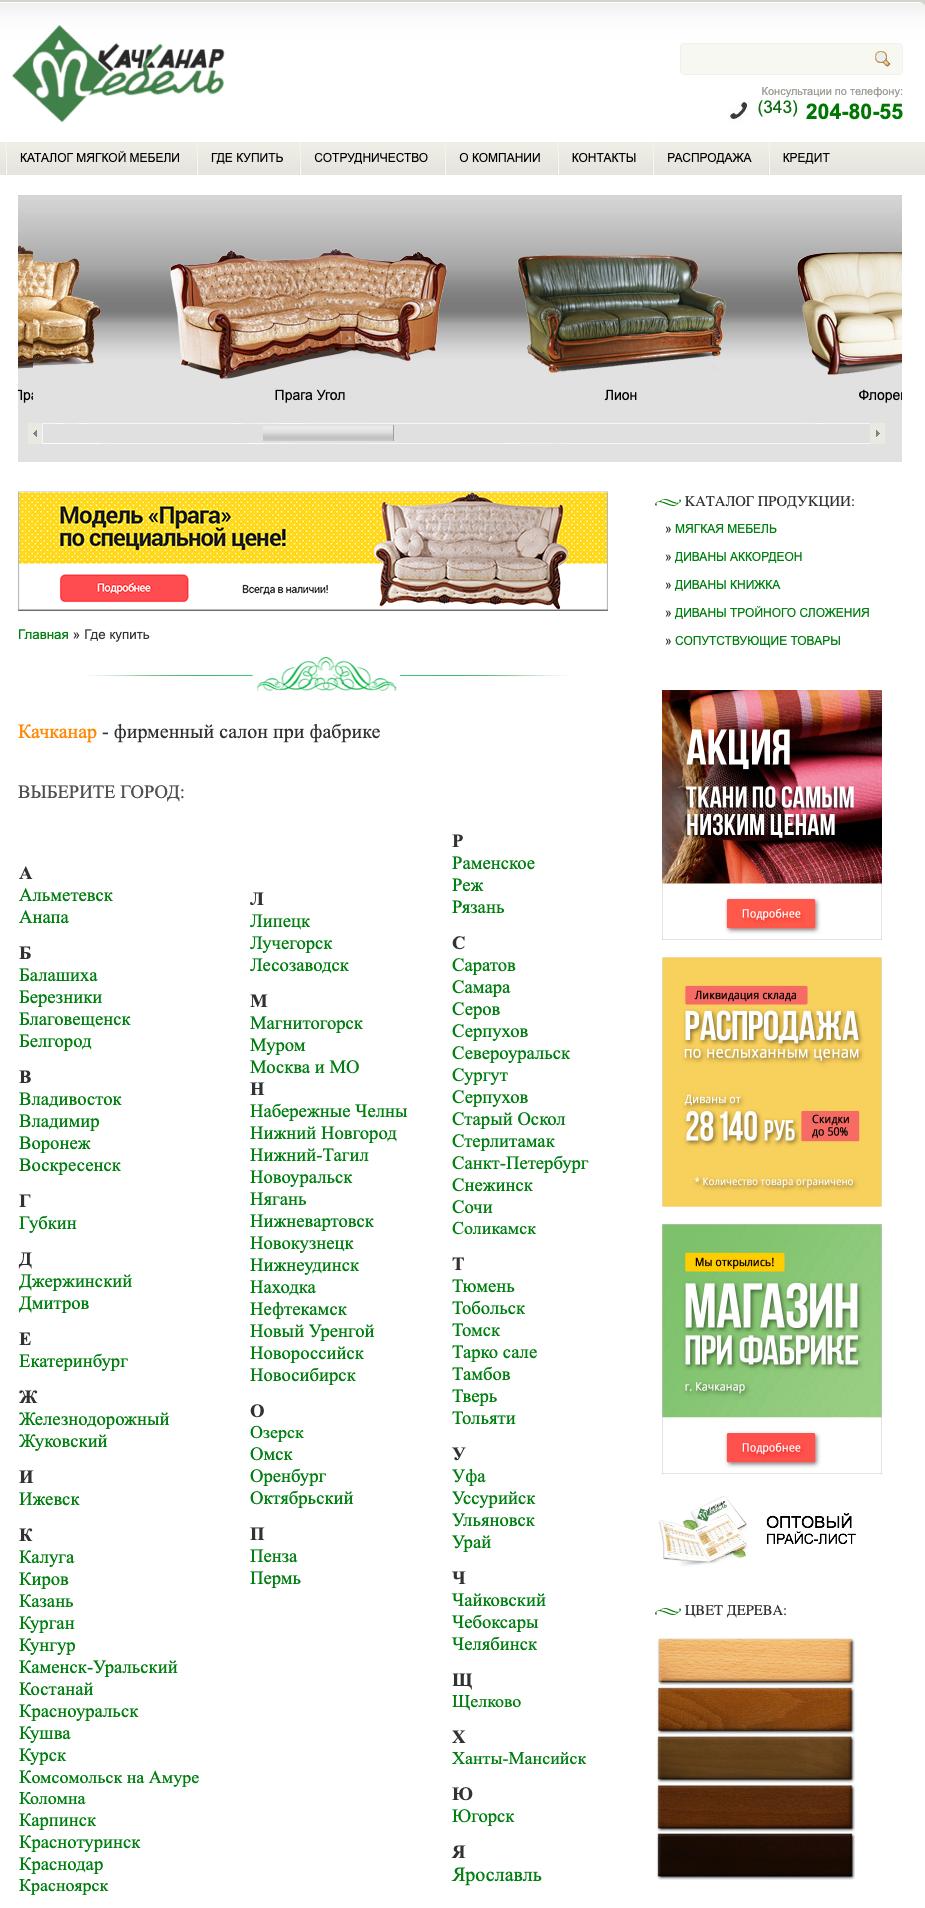 FireShot Capture 092 - «Качканар-Мебель» - Продажа мягкой мебели_ более 150 салонов-магазино_ - kachmebel.ru